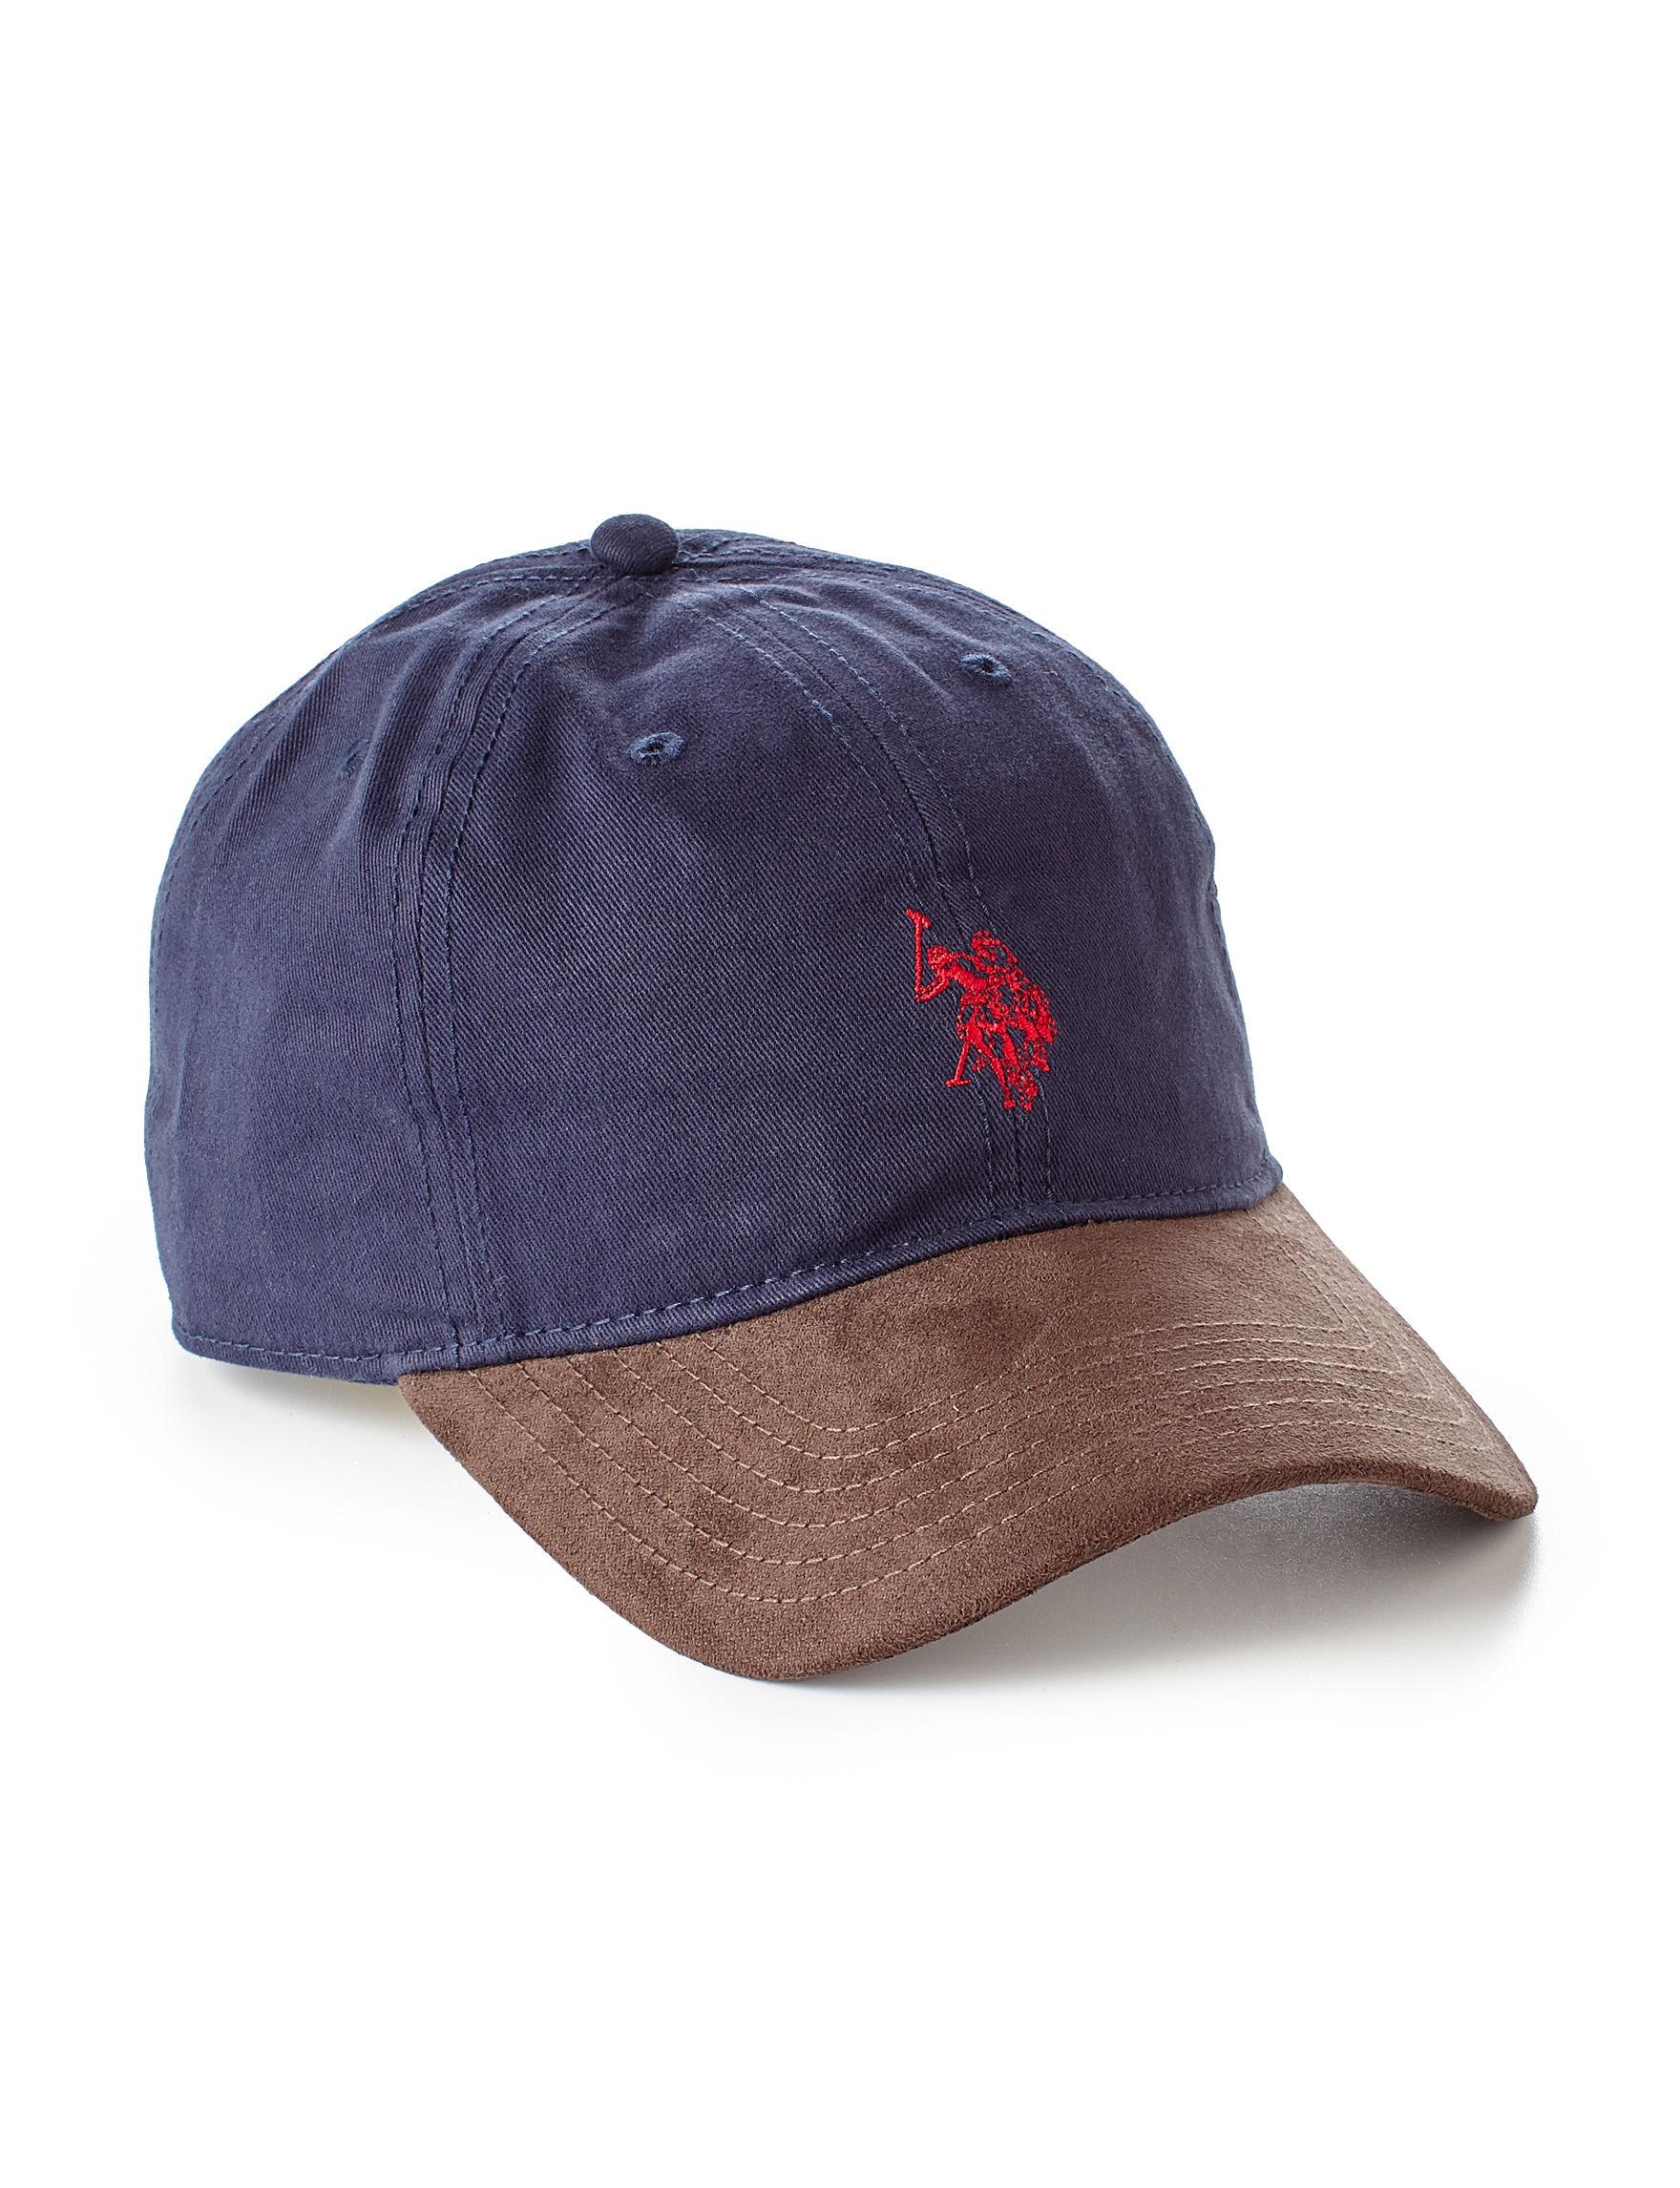 U.S. Polo Assn. Blue Hats & Headwear